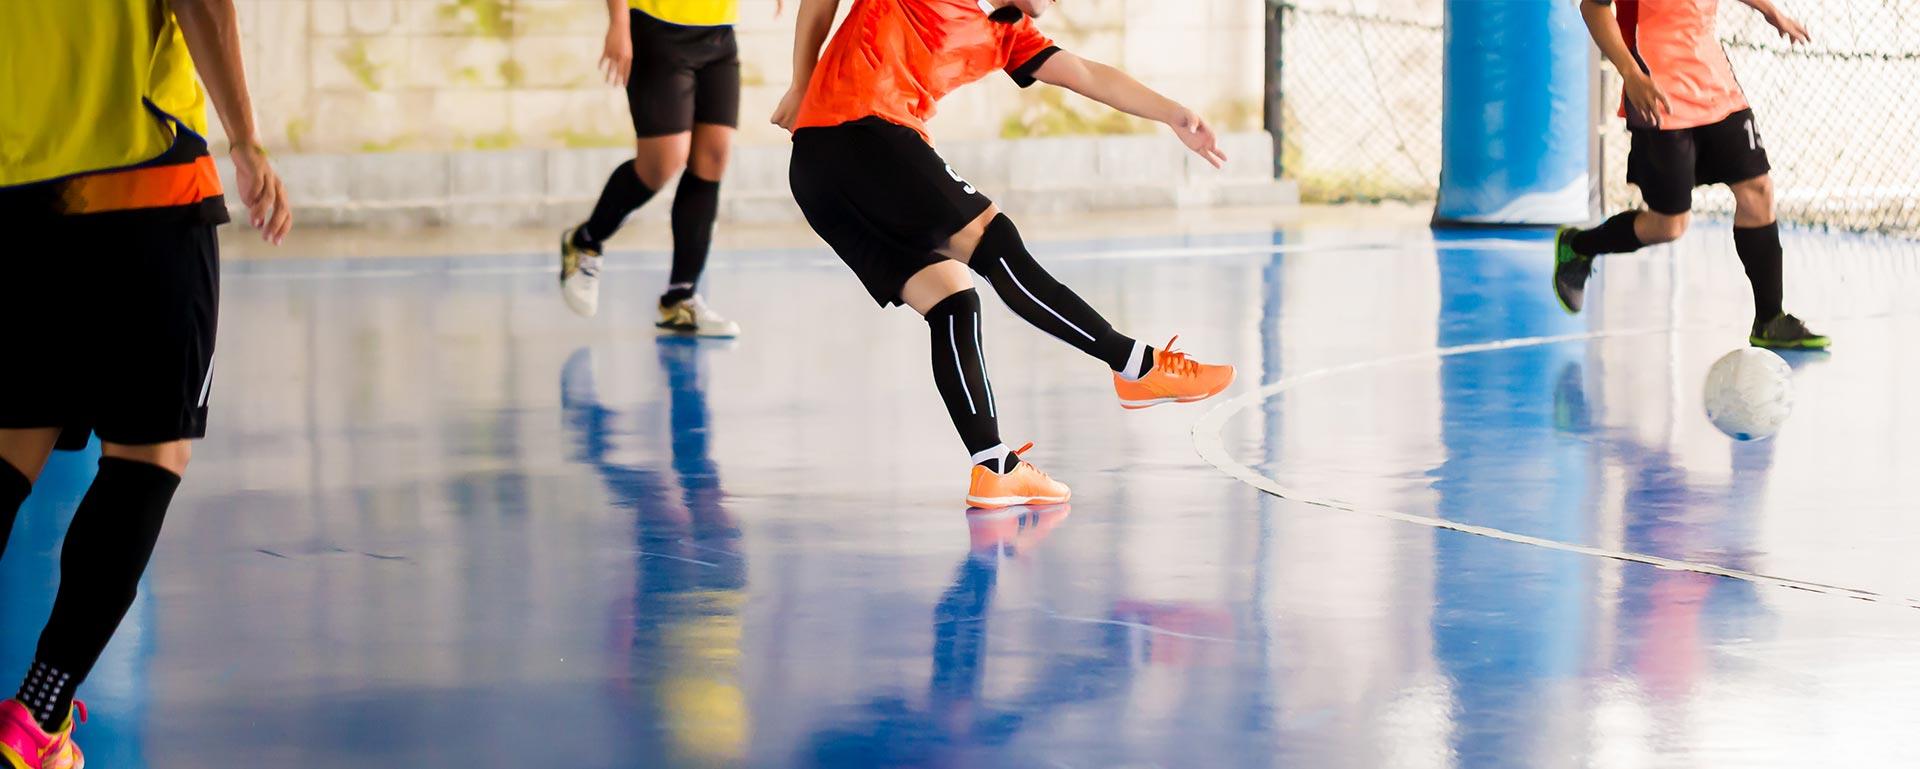 Mistrzostwa Świata FIFA w Futsalu 2021